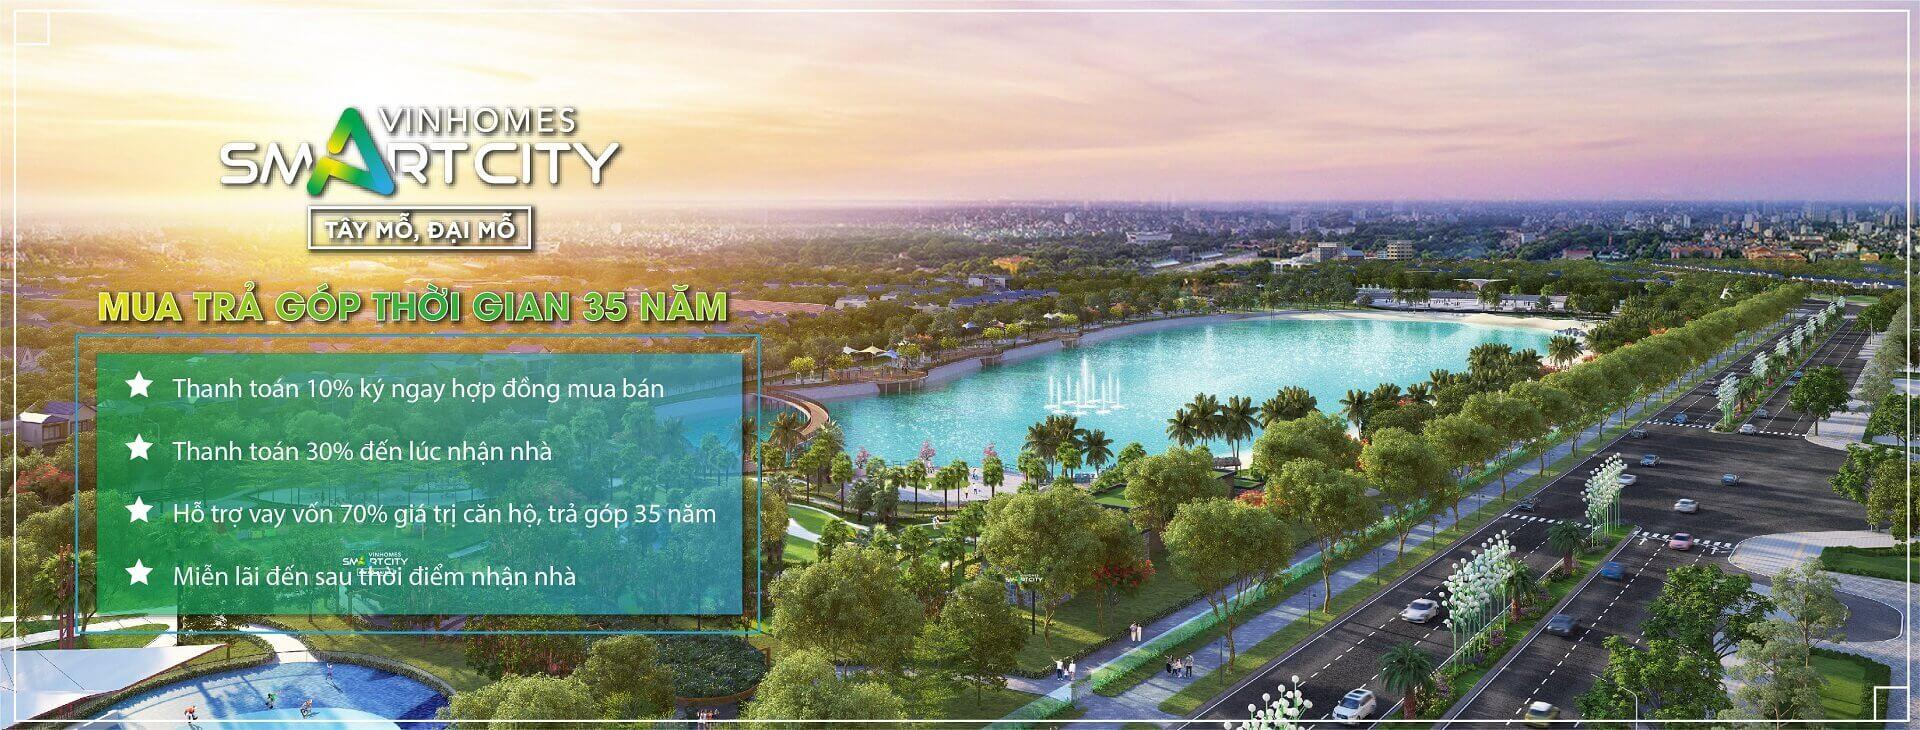 tong-quan-du-an-vinhomes-smart-city-tay-mo-03-01-1